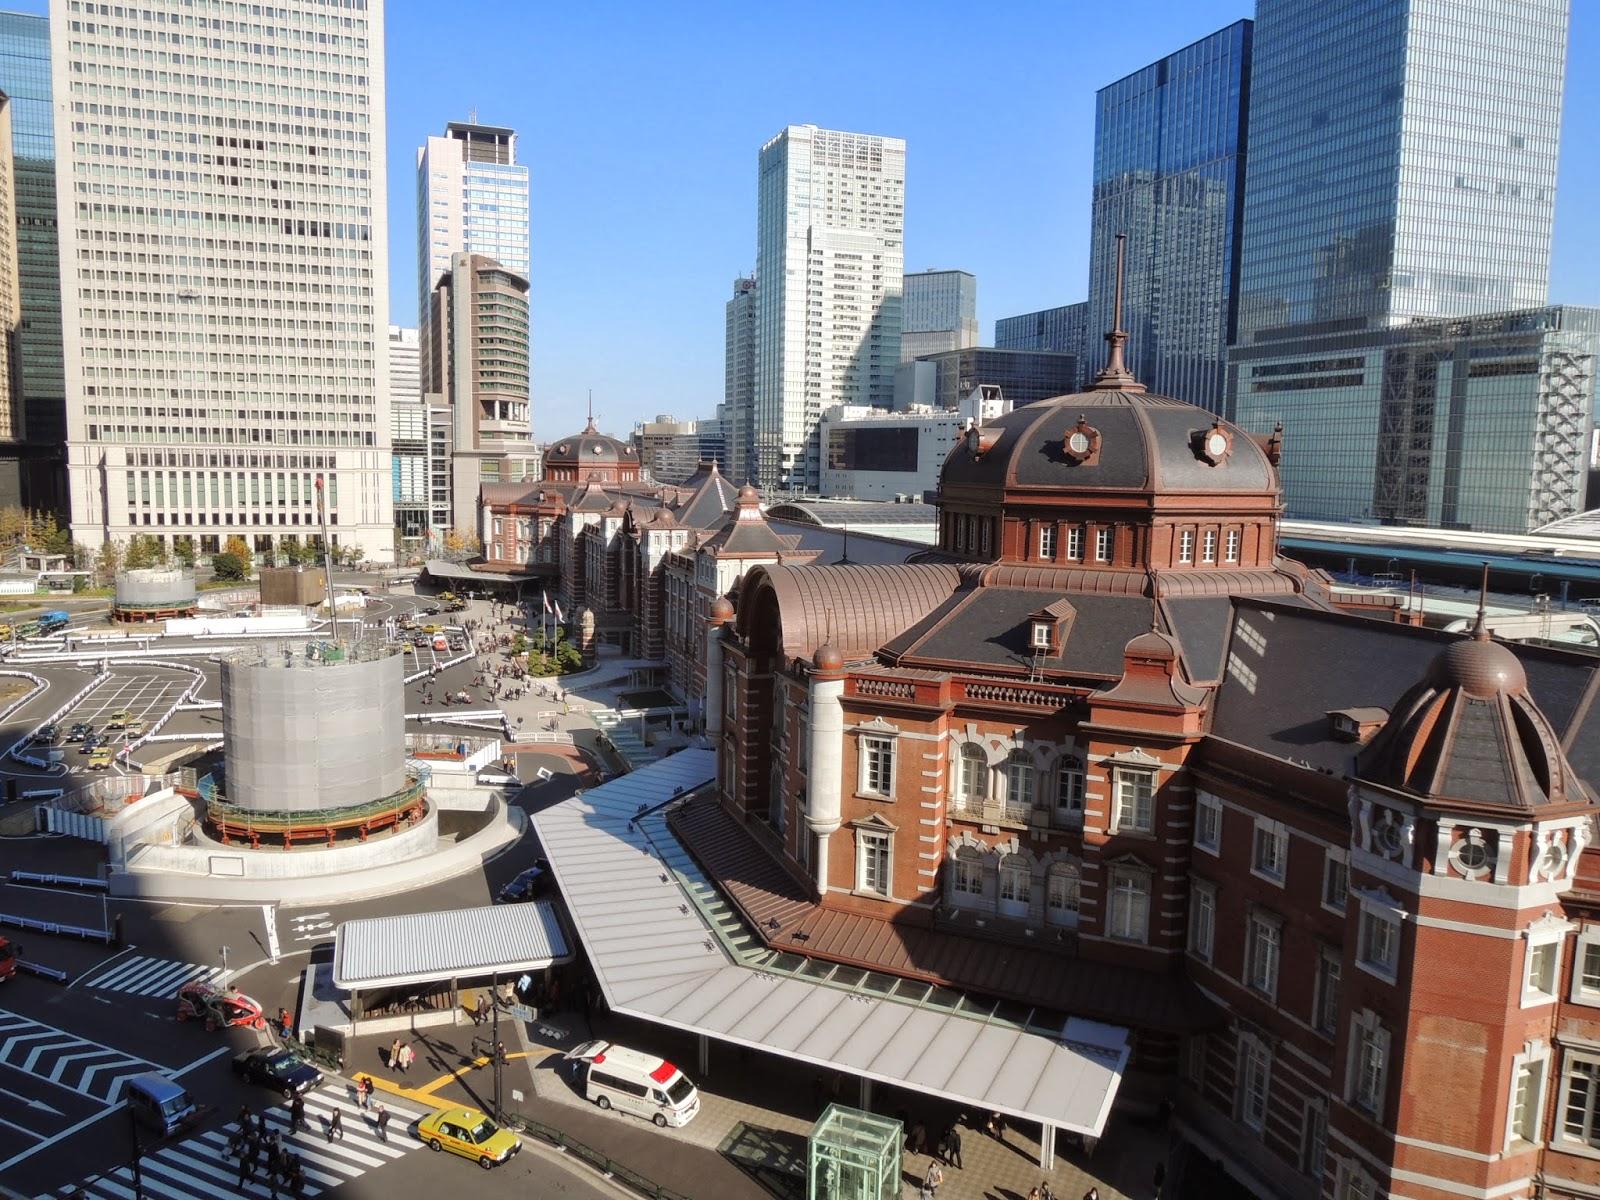 東京駅/東京/東京観光/tokyo/tokyodrive